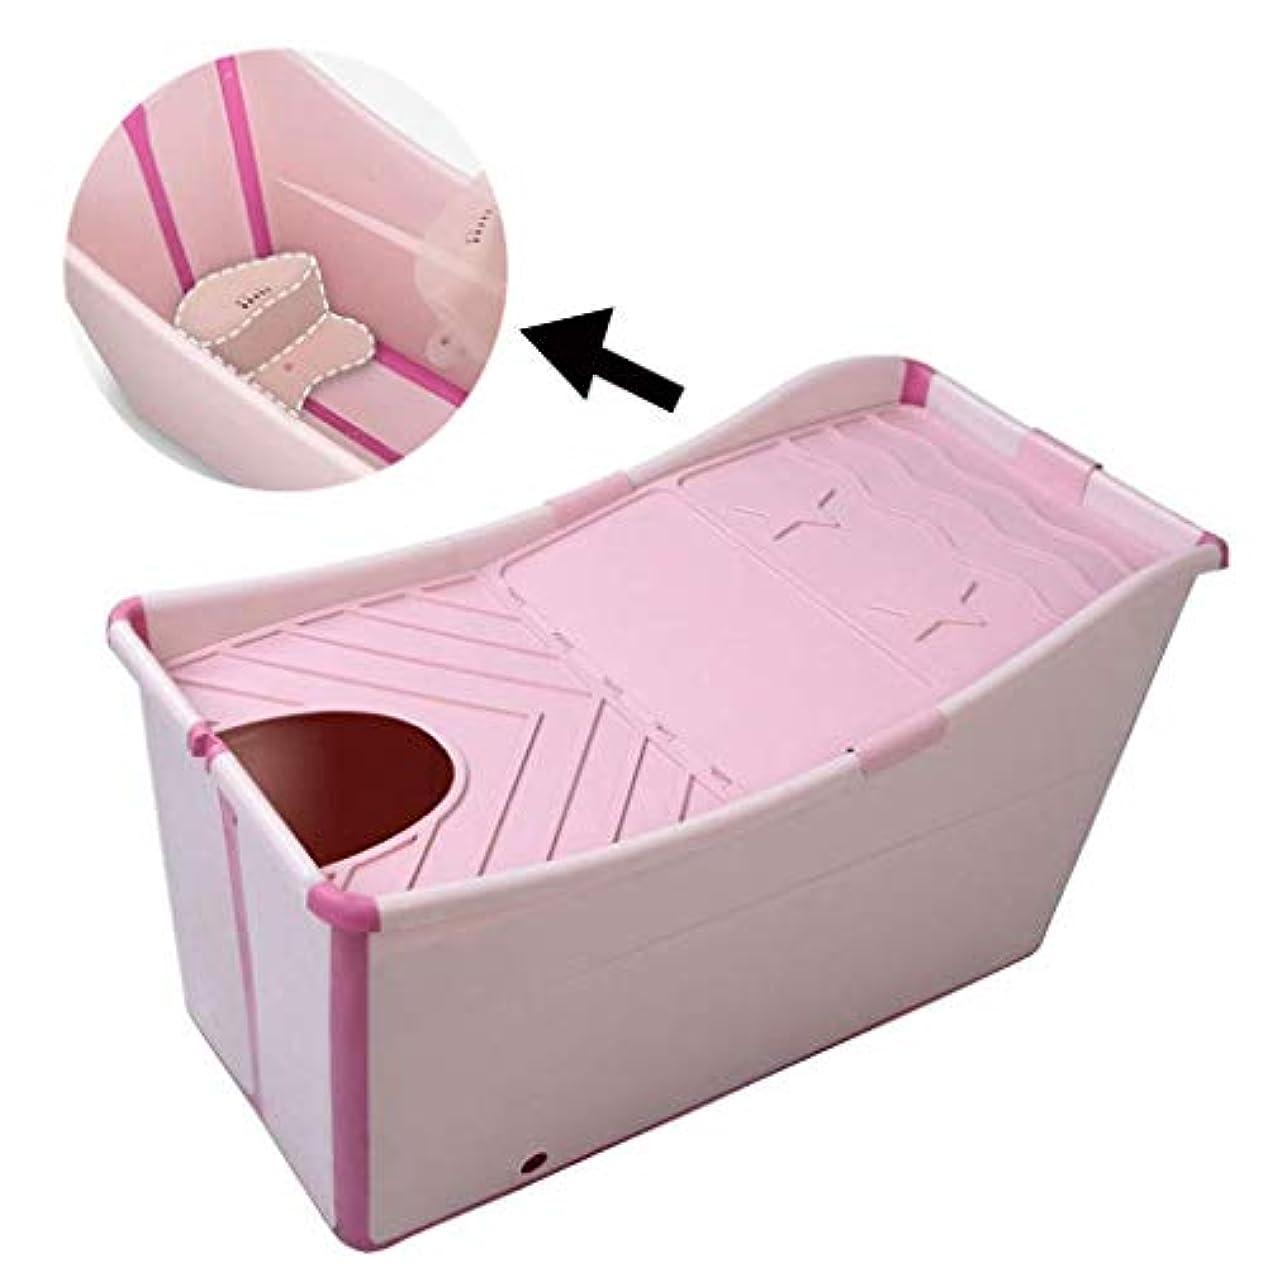 衝動透明に交通渋滞ジャンボ折り畳み浴槽に入浴椅子があり、夏のプールの独立式浴槽桶は成人/老人、子供、SPA理学療法に適していて、浴槽がさらに高くなって、長い保温時間に蓋が付いています (Color : Pink)